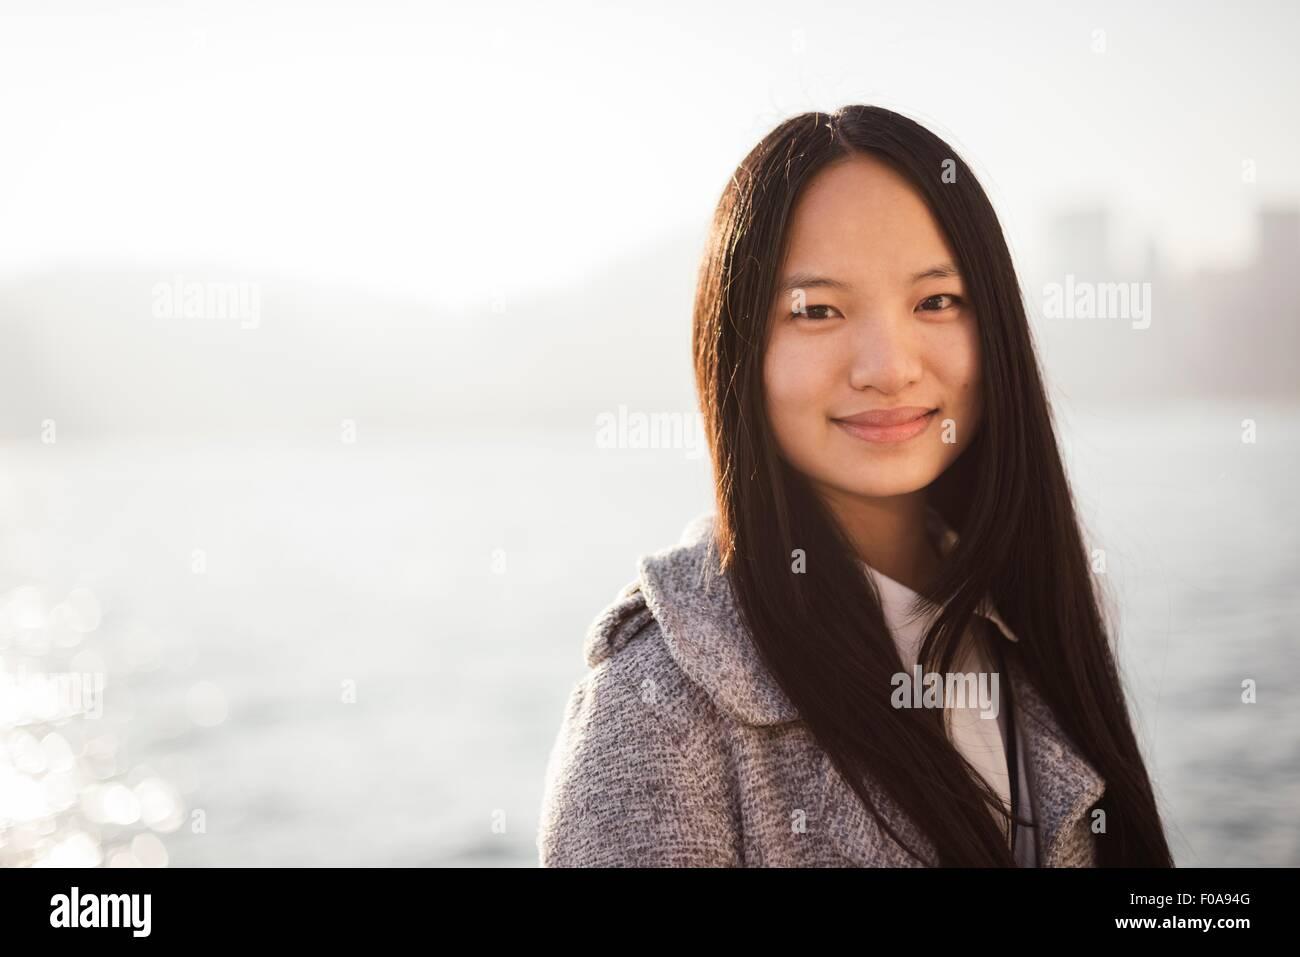 Porträt der jungen Frau mit lange brünette Haare im Zentrum Abschied, Blick auf die Kamera zu Lächeln Stockbild